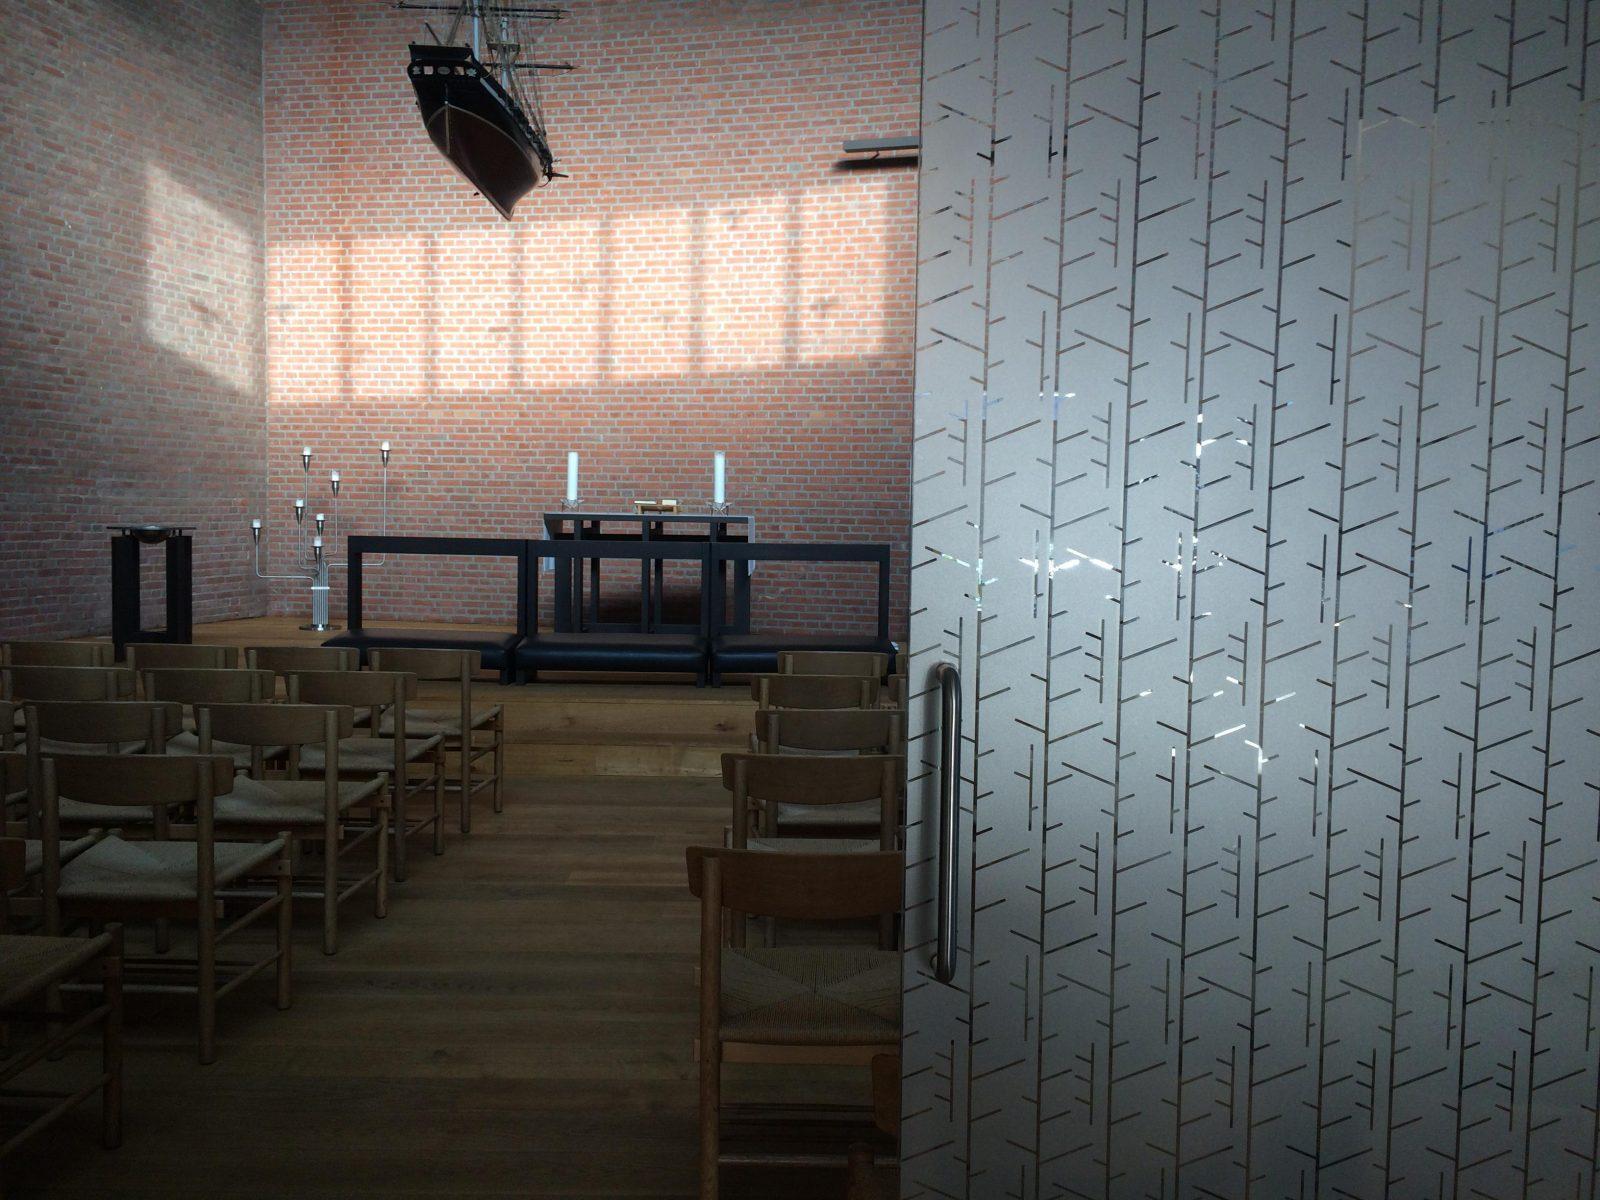 Deense kerk zaal 2019